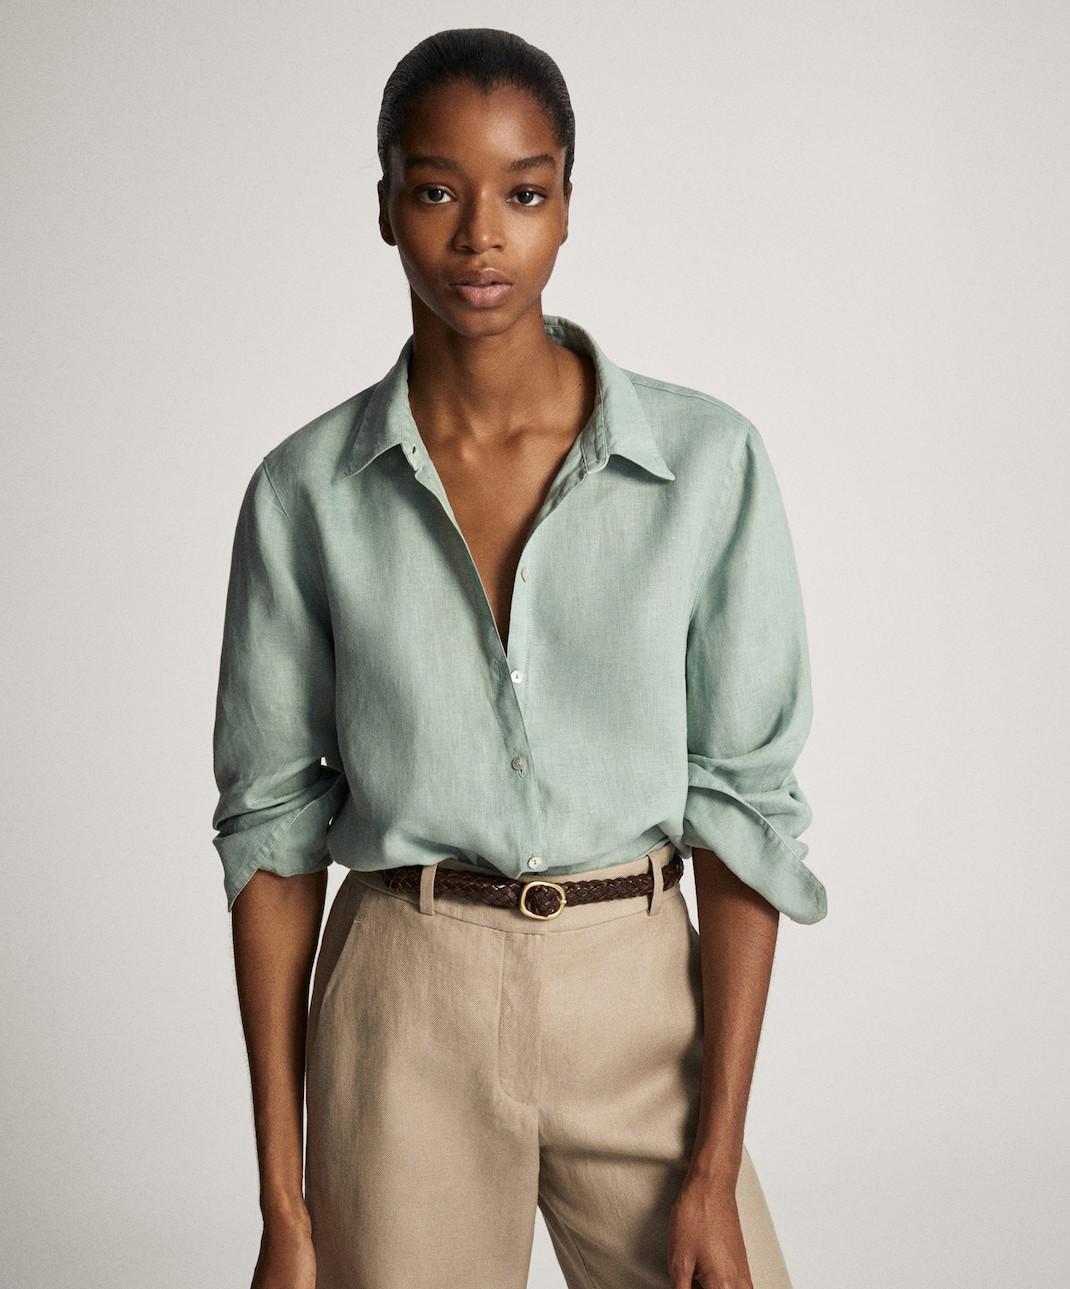 μοντέλο με πουκάμισο